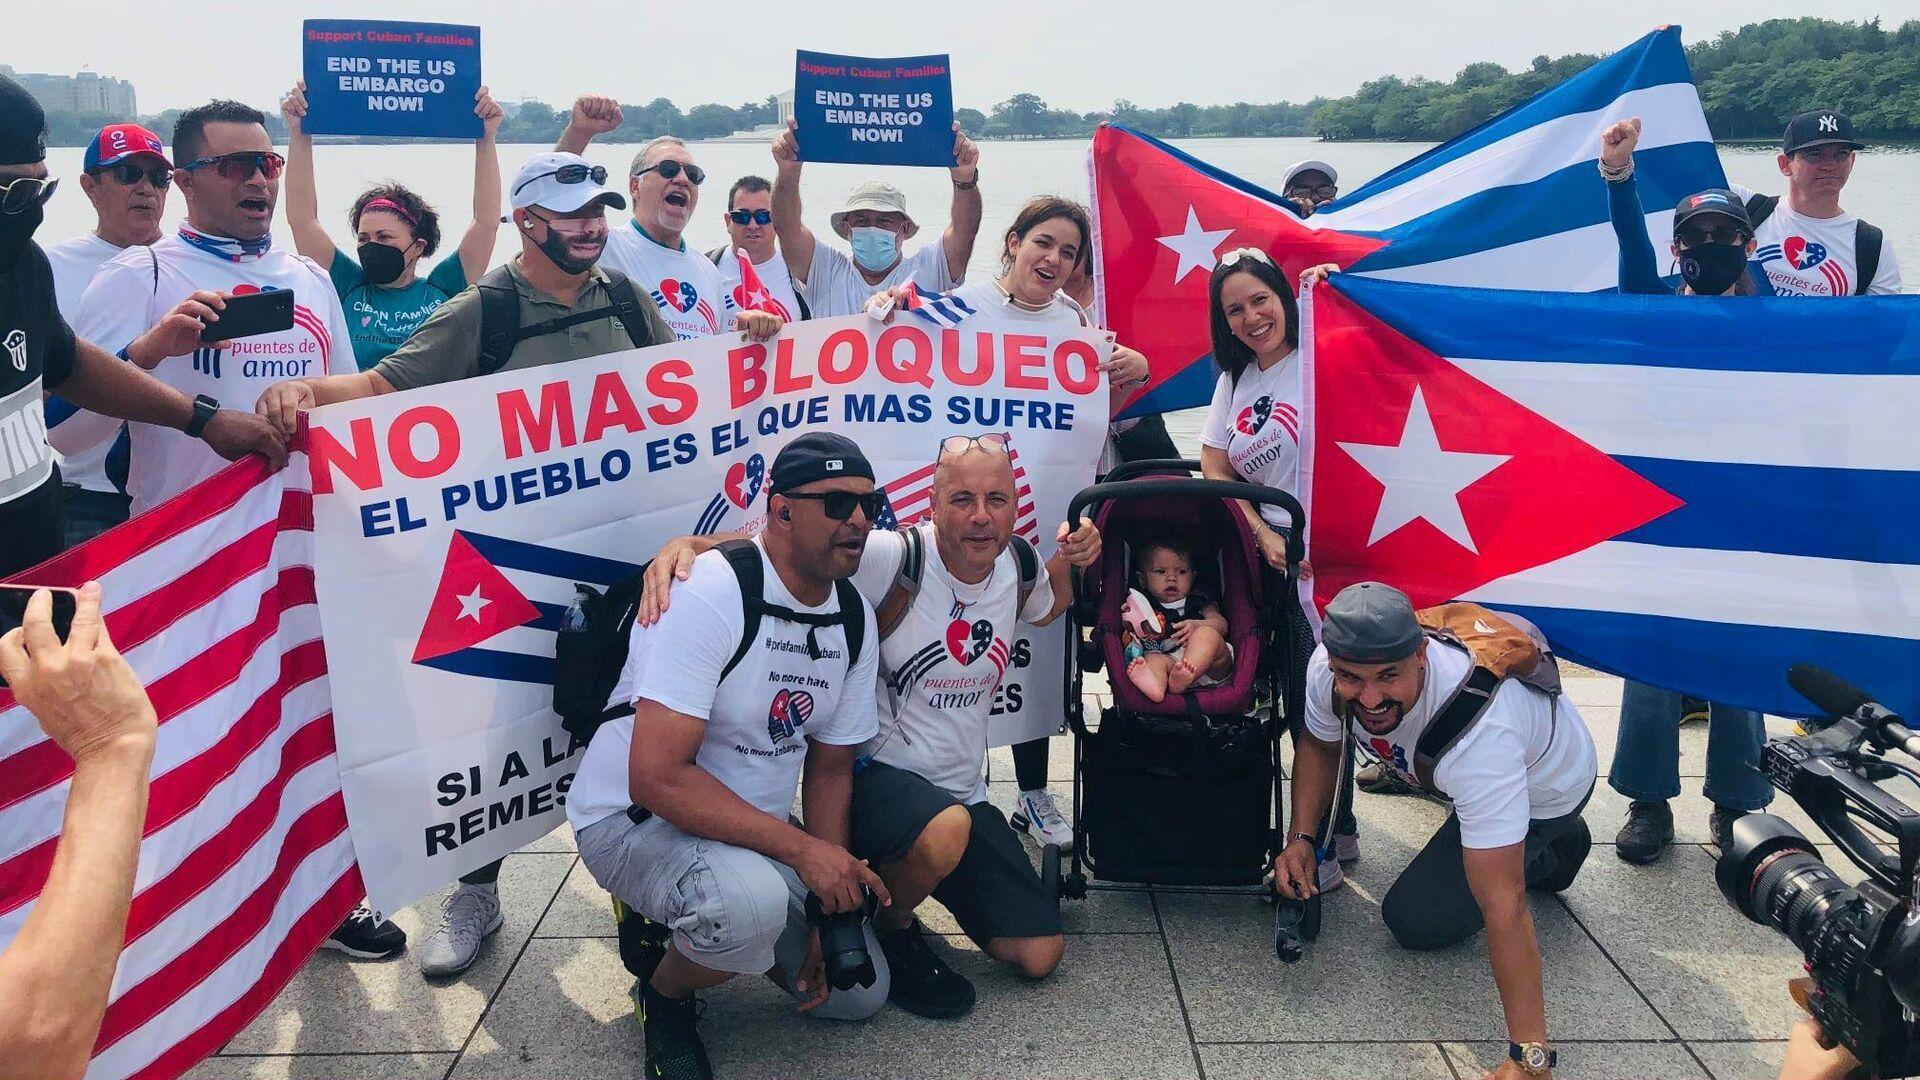 Manifestación contra el bloque económico de EEUU a Cuba - Sputnik Mundo, 1920, 13.09.2021